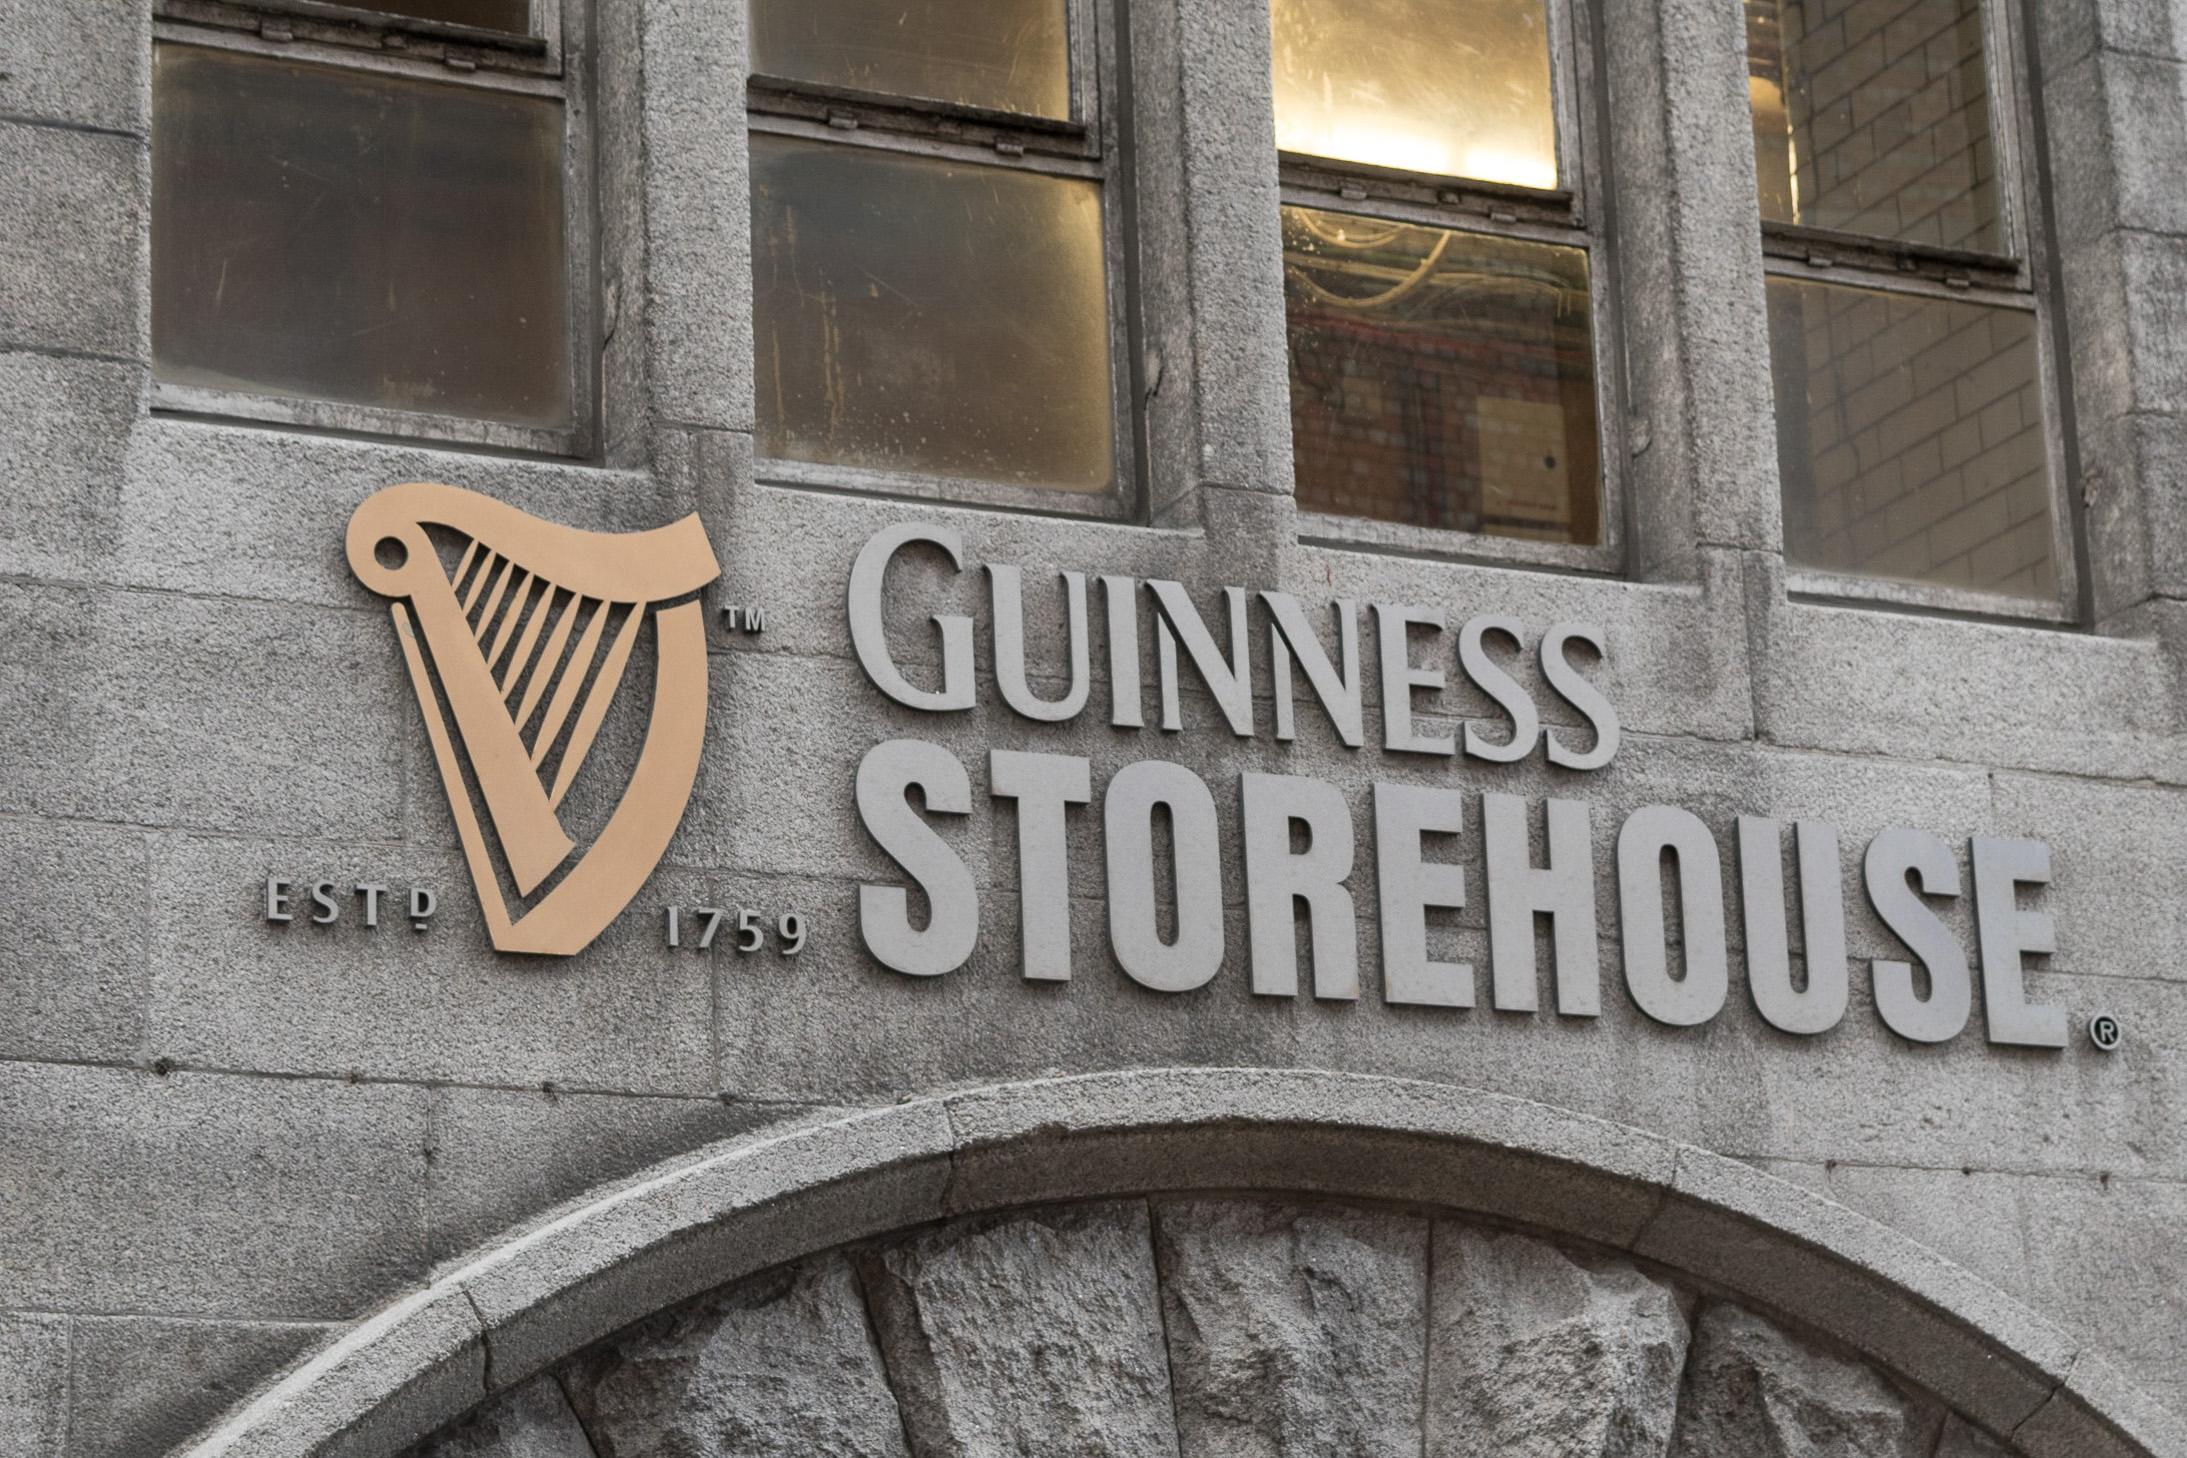 Guinness Storehouse: informazioni, prezzi e durata visita